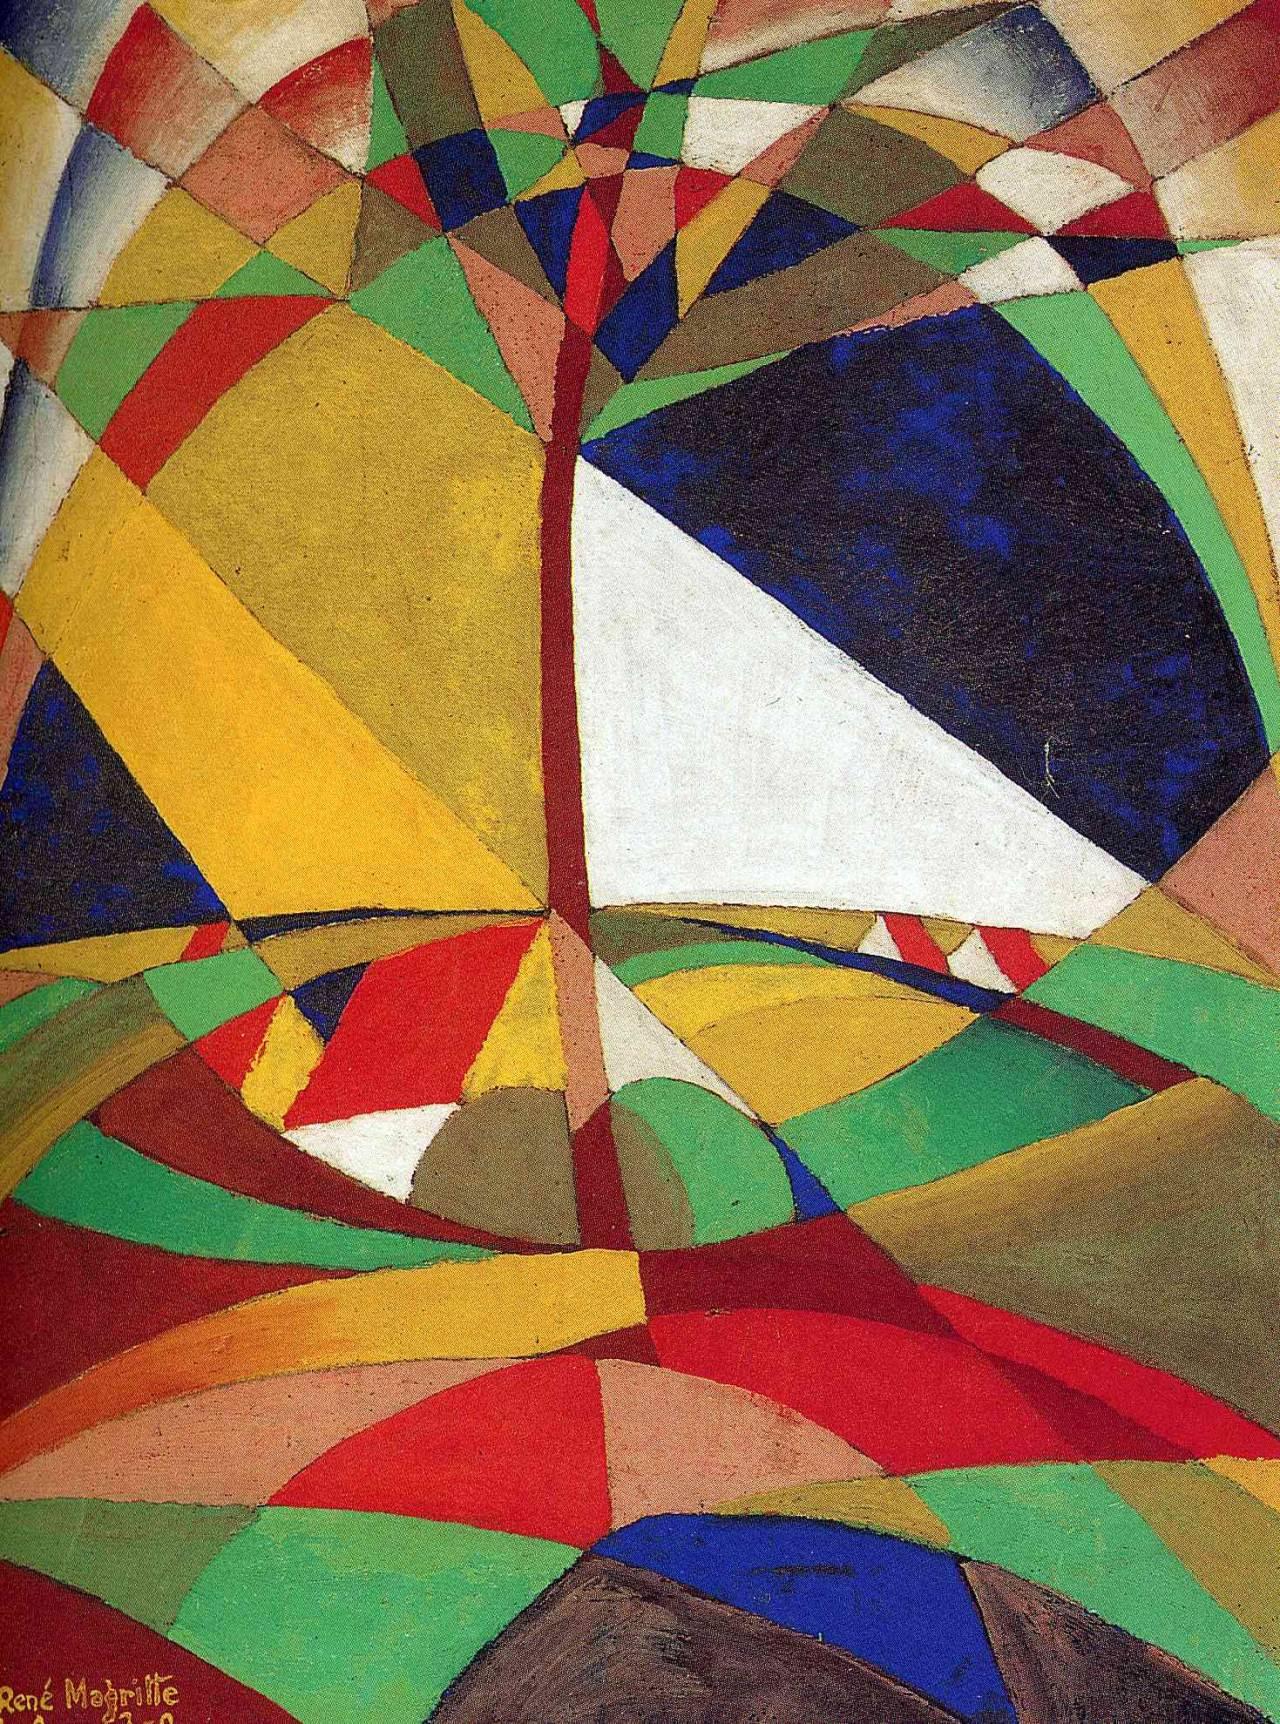 Landscape, 1920 Rene Magritte